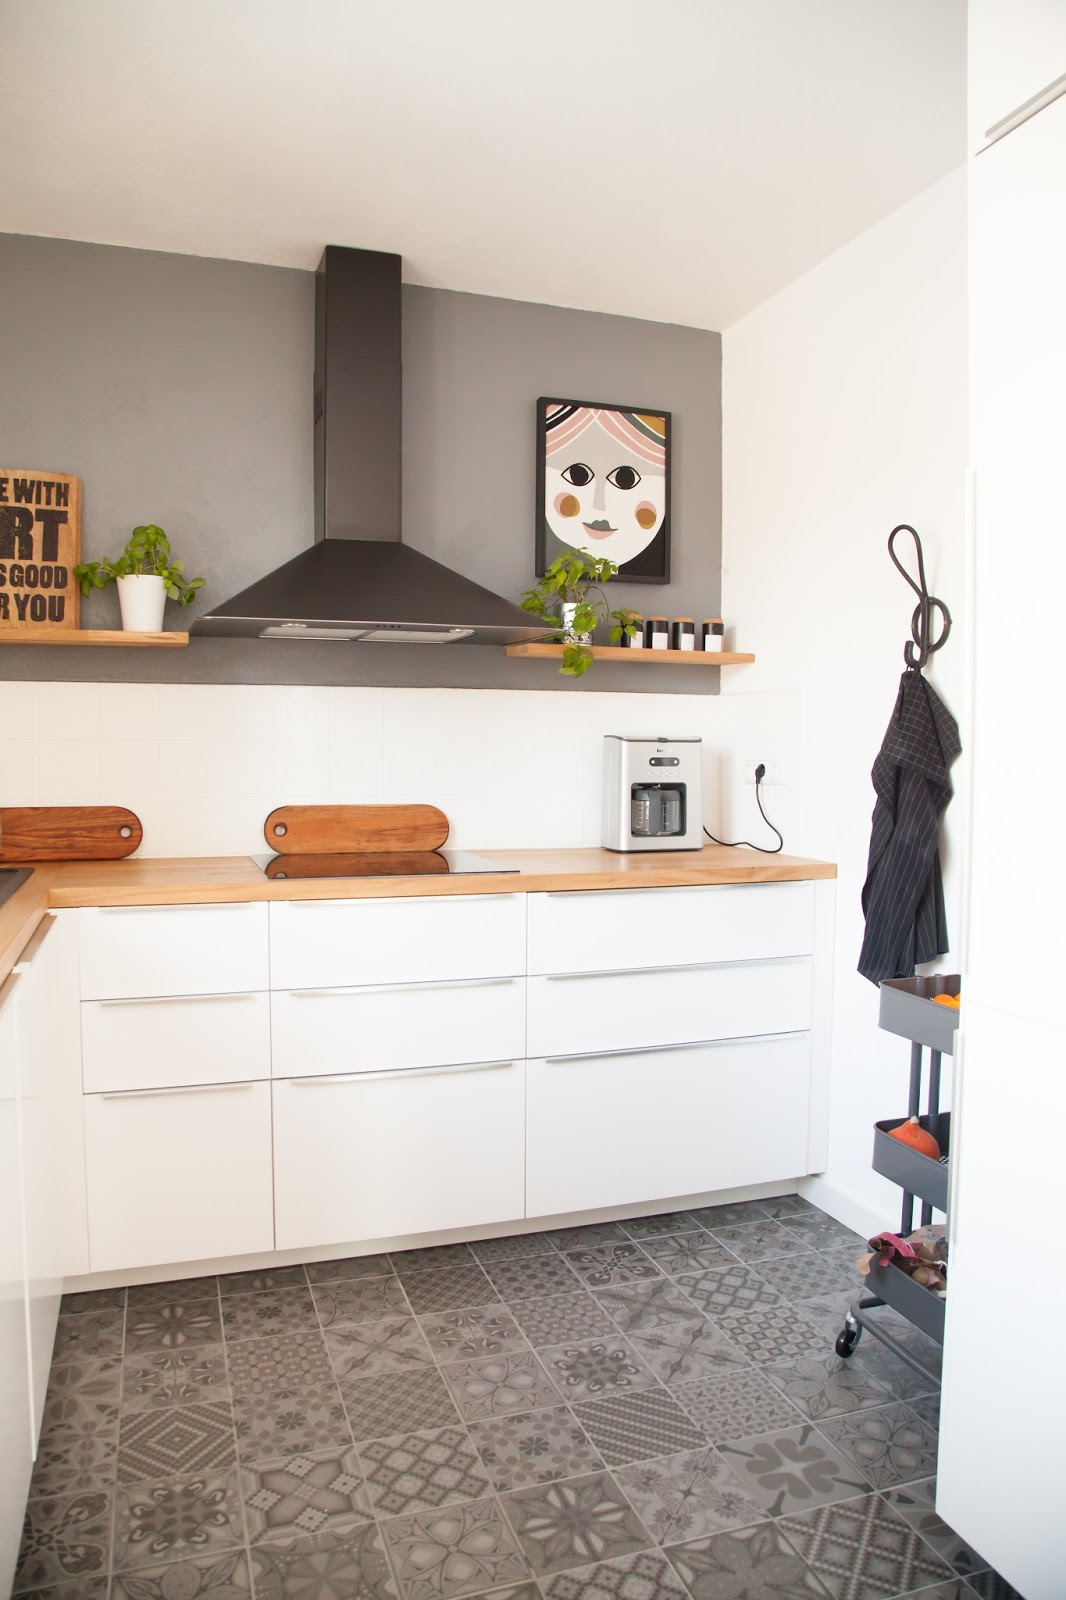 vorher nachher die k che unserer tr ume wohnprojekt wohnblog f r interior diy und lifestyle. Black Bedroom Furniture Sets. Home Design Ideas